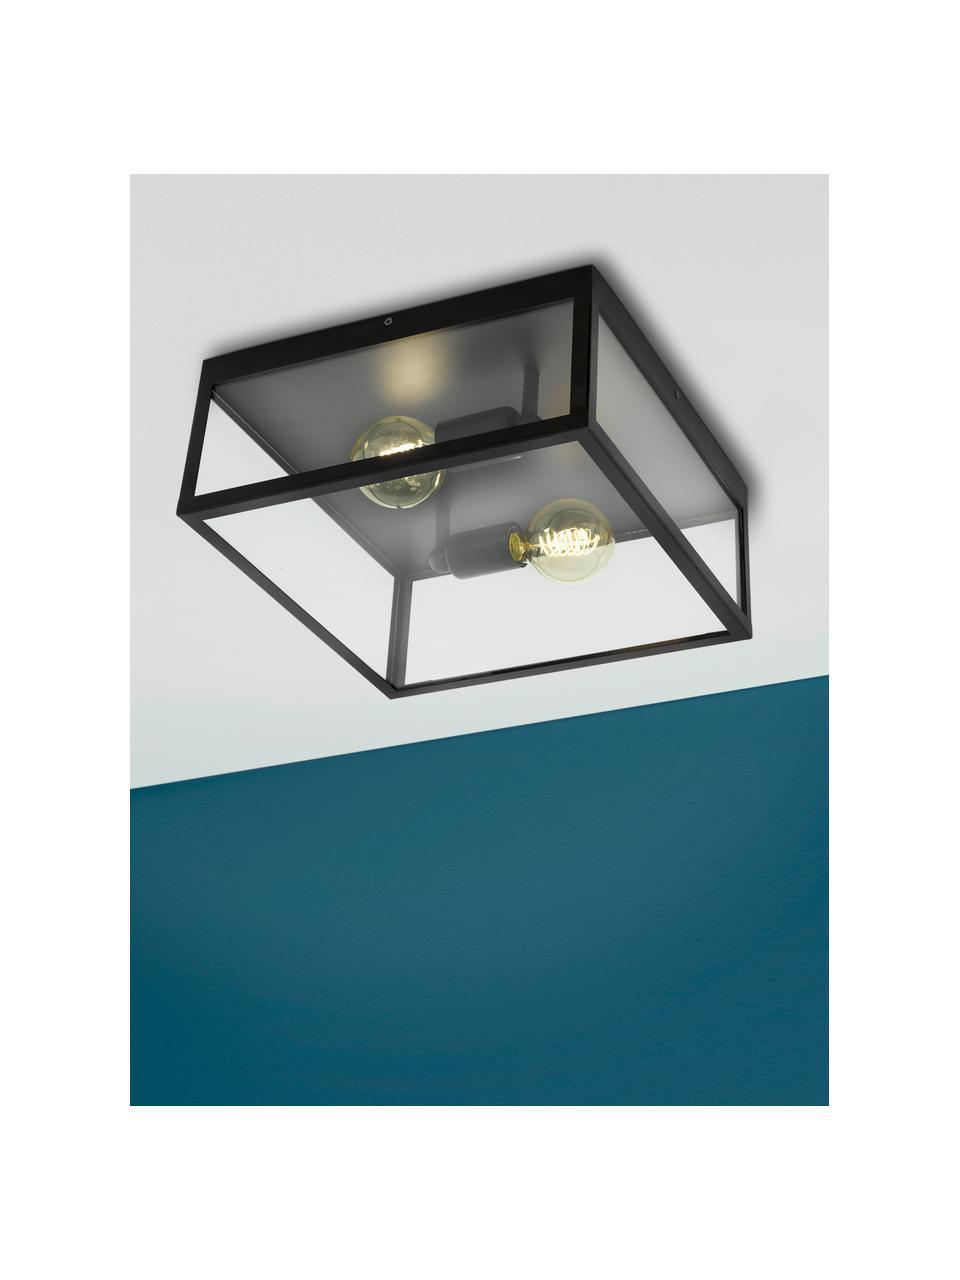 Lampa sufitowa w stylu industrialnym Aberdeen, Czarny, transparentny, S 36 x W 16 cm